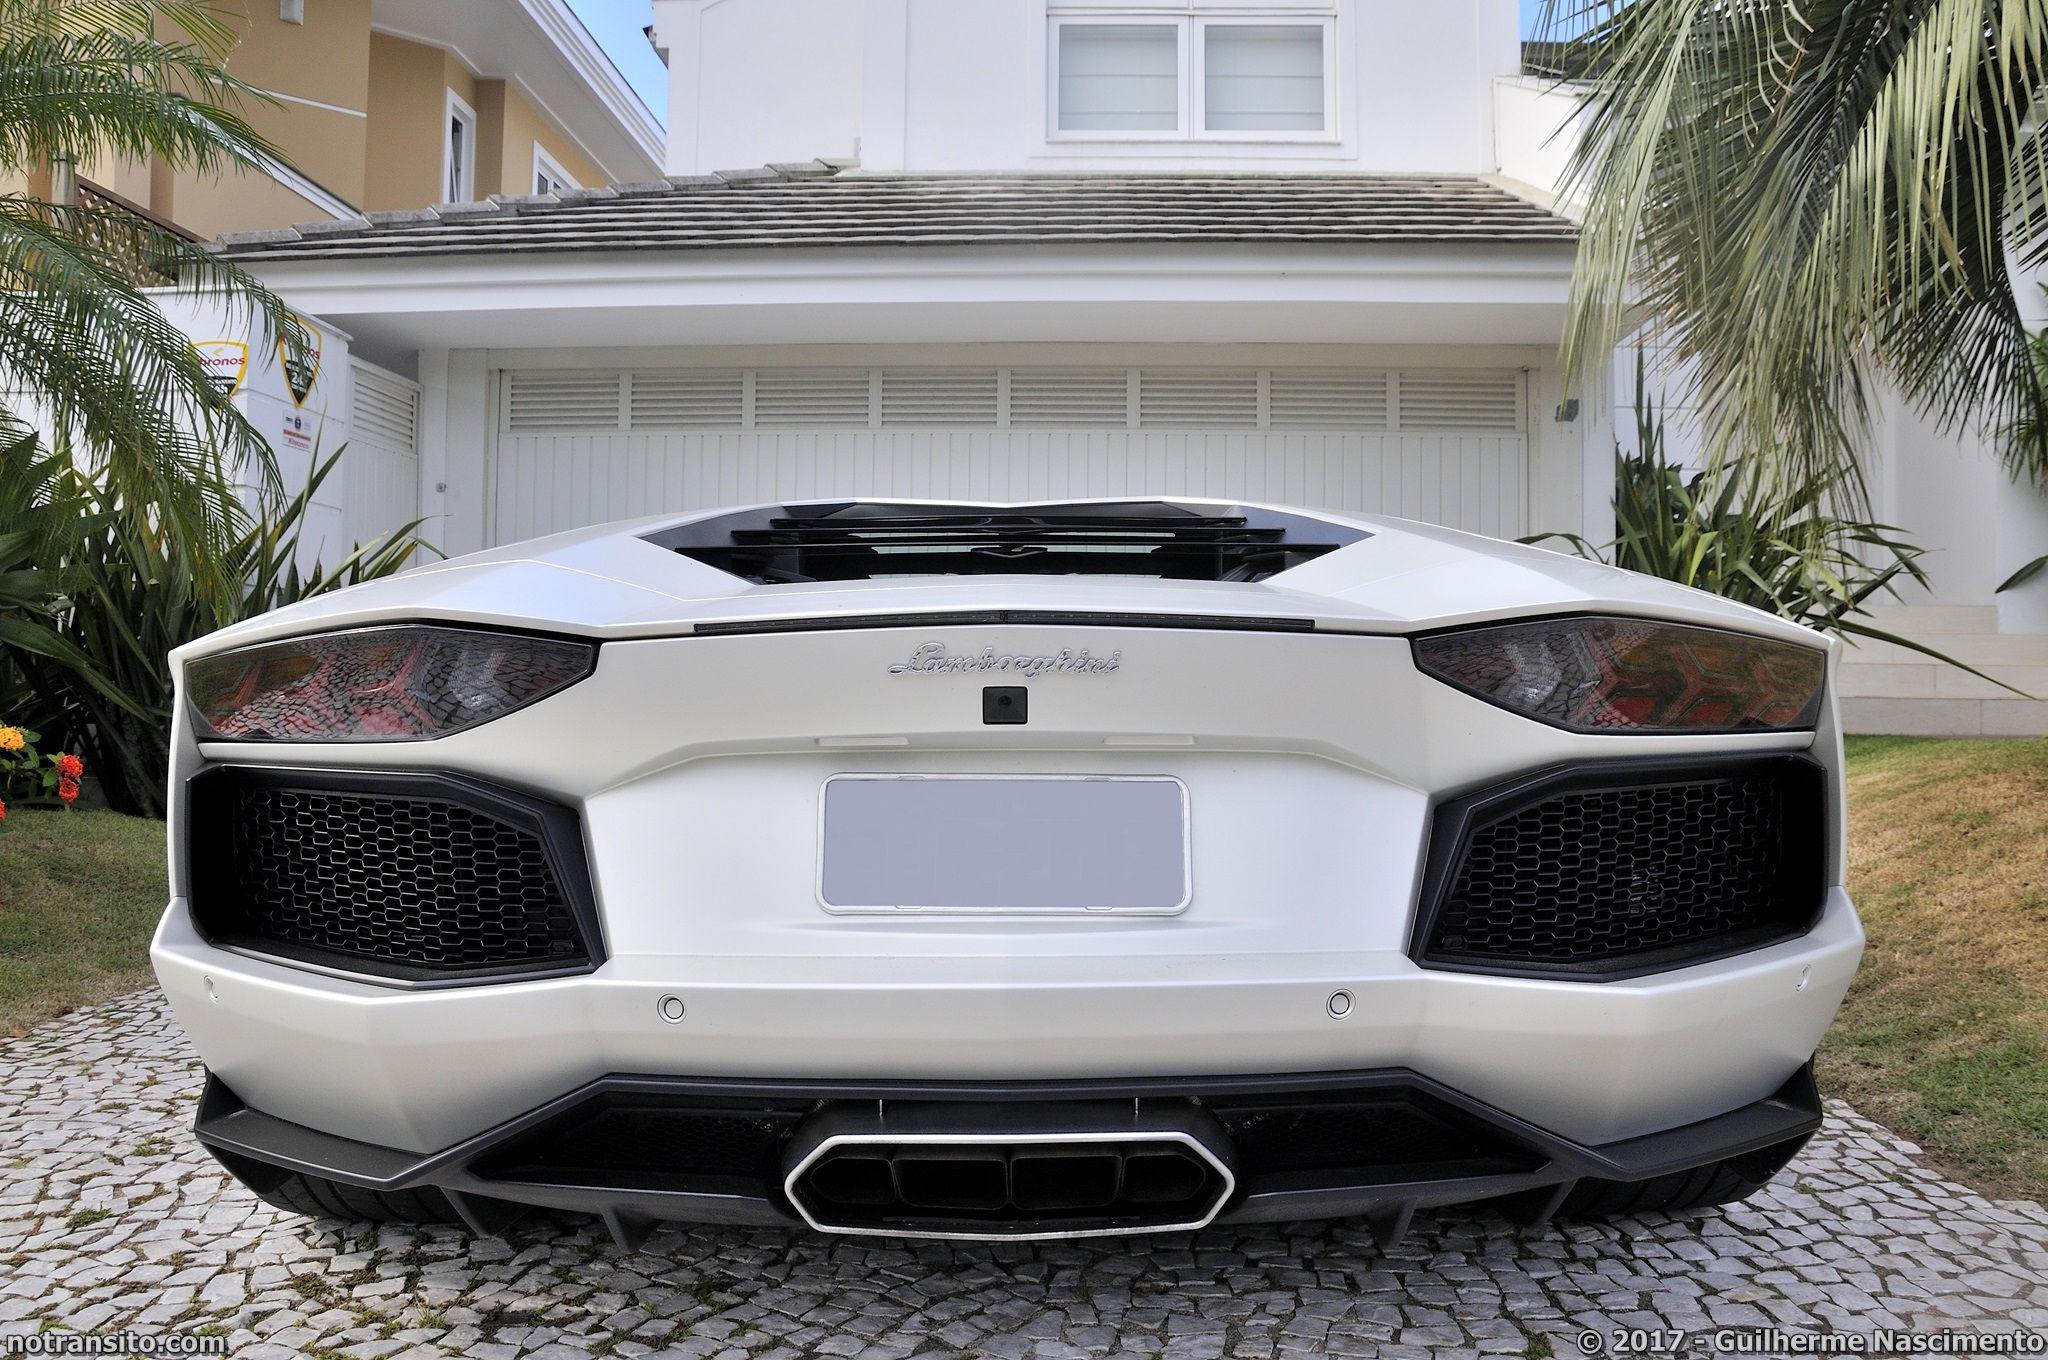 Lamborghini-Aventador-LP-700-4-McLaren-MP4-12C-014